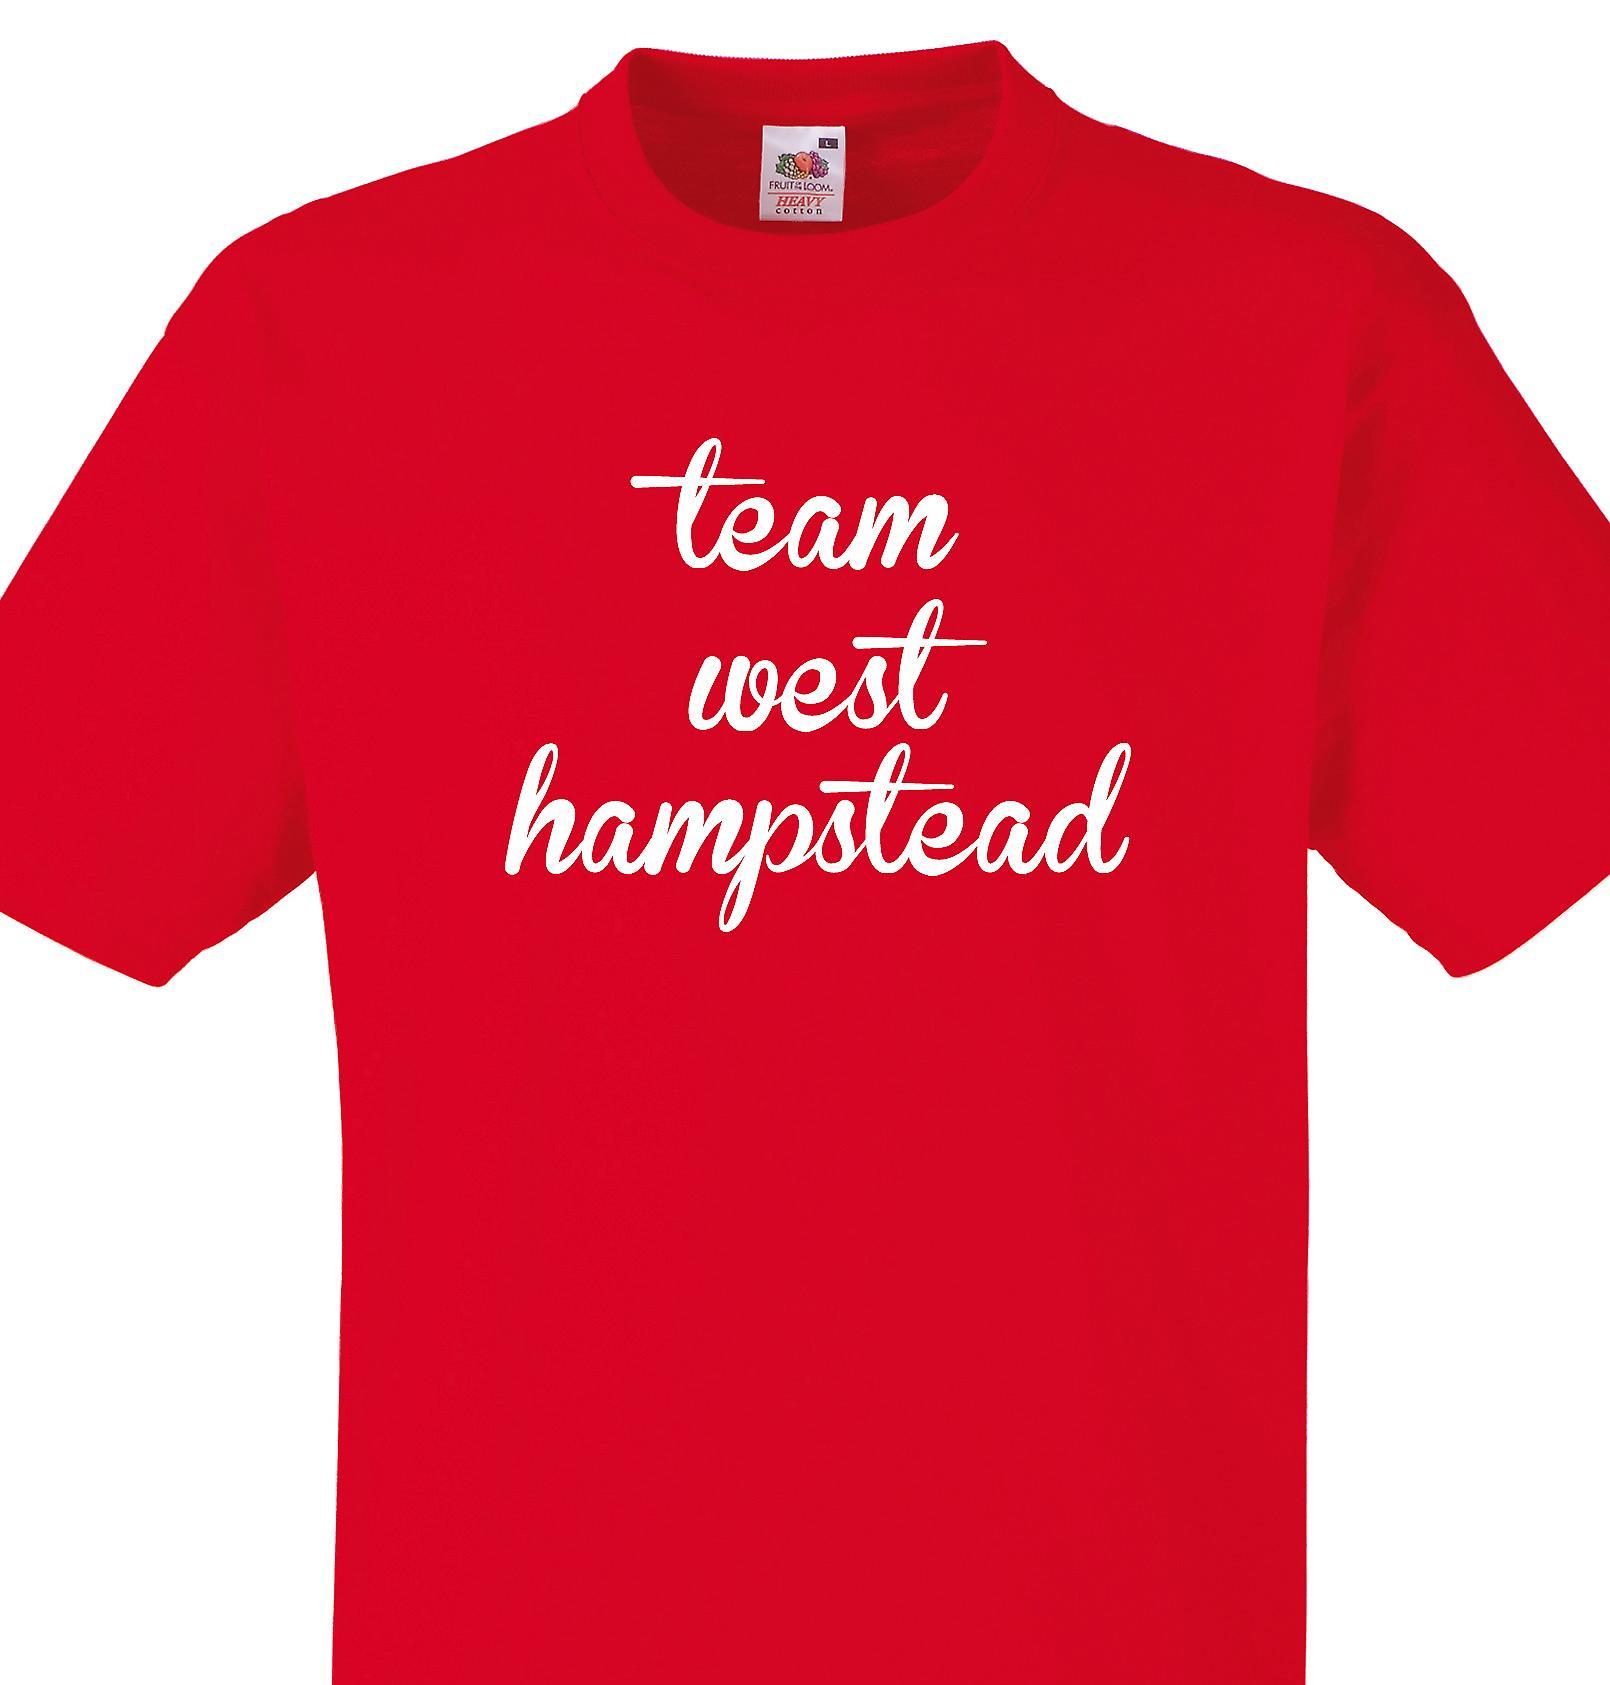 Squadra di West hampstead Red T-shirt